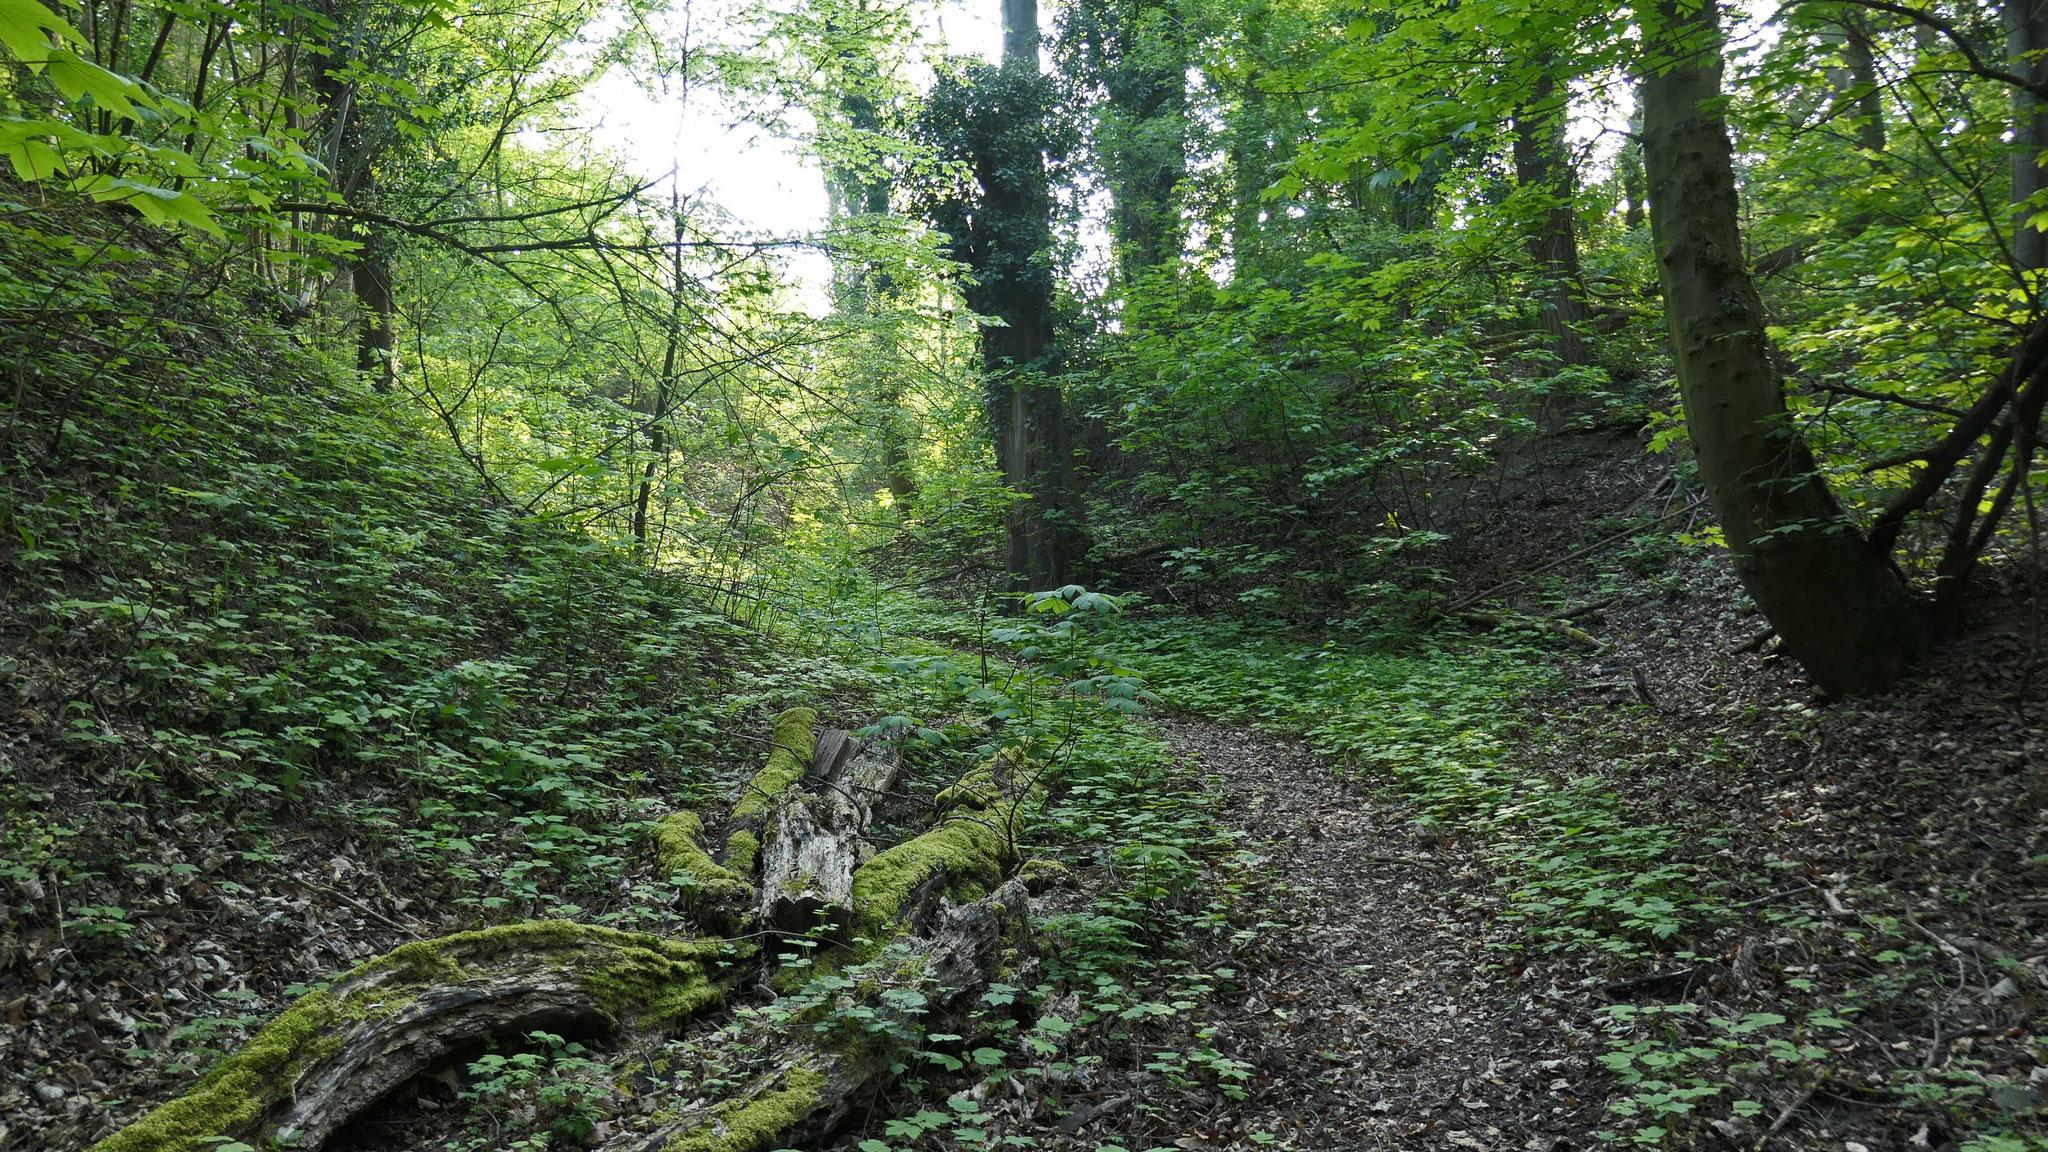 Impressionen aus der Birkenwald-Klinge (4 Fotos)